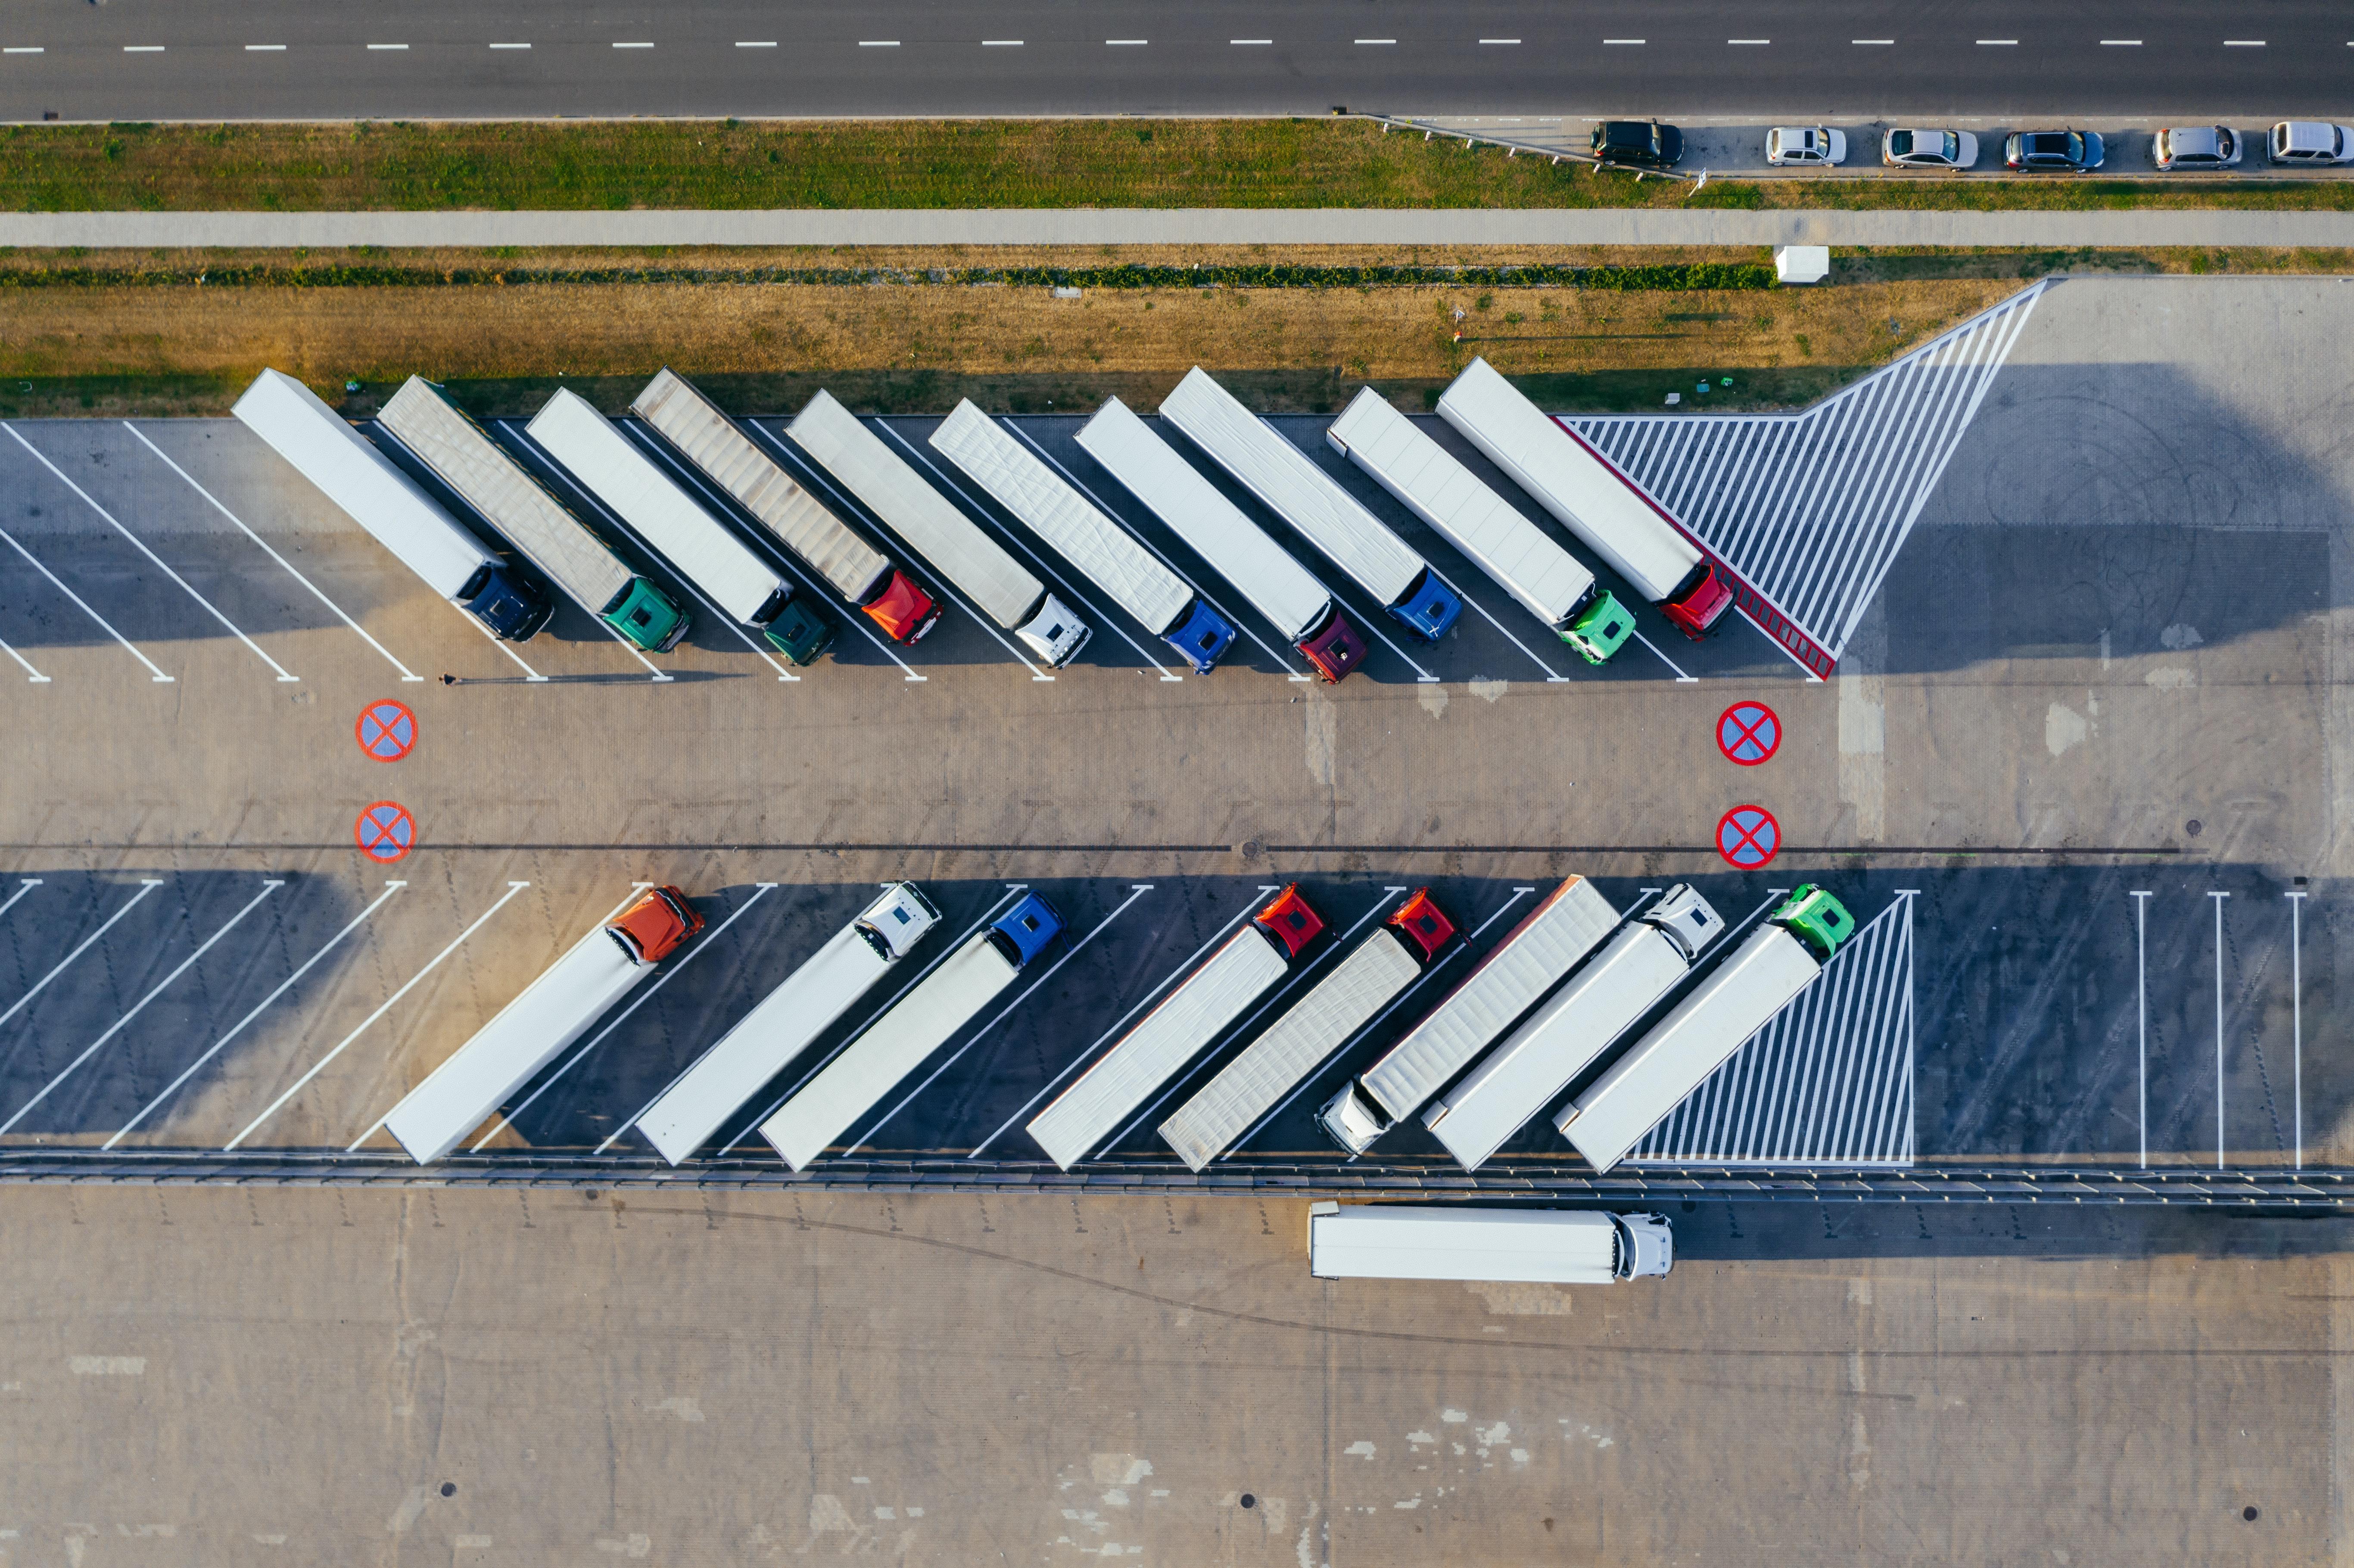 trazabilidad de mercancías y transporte